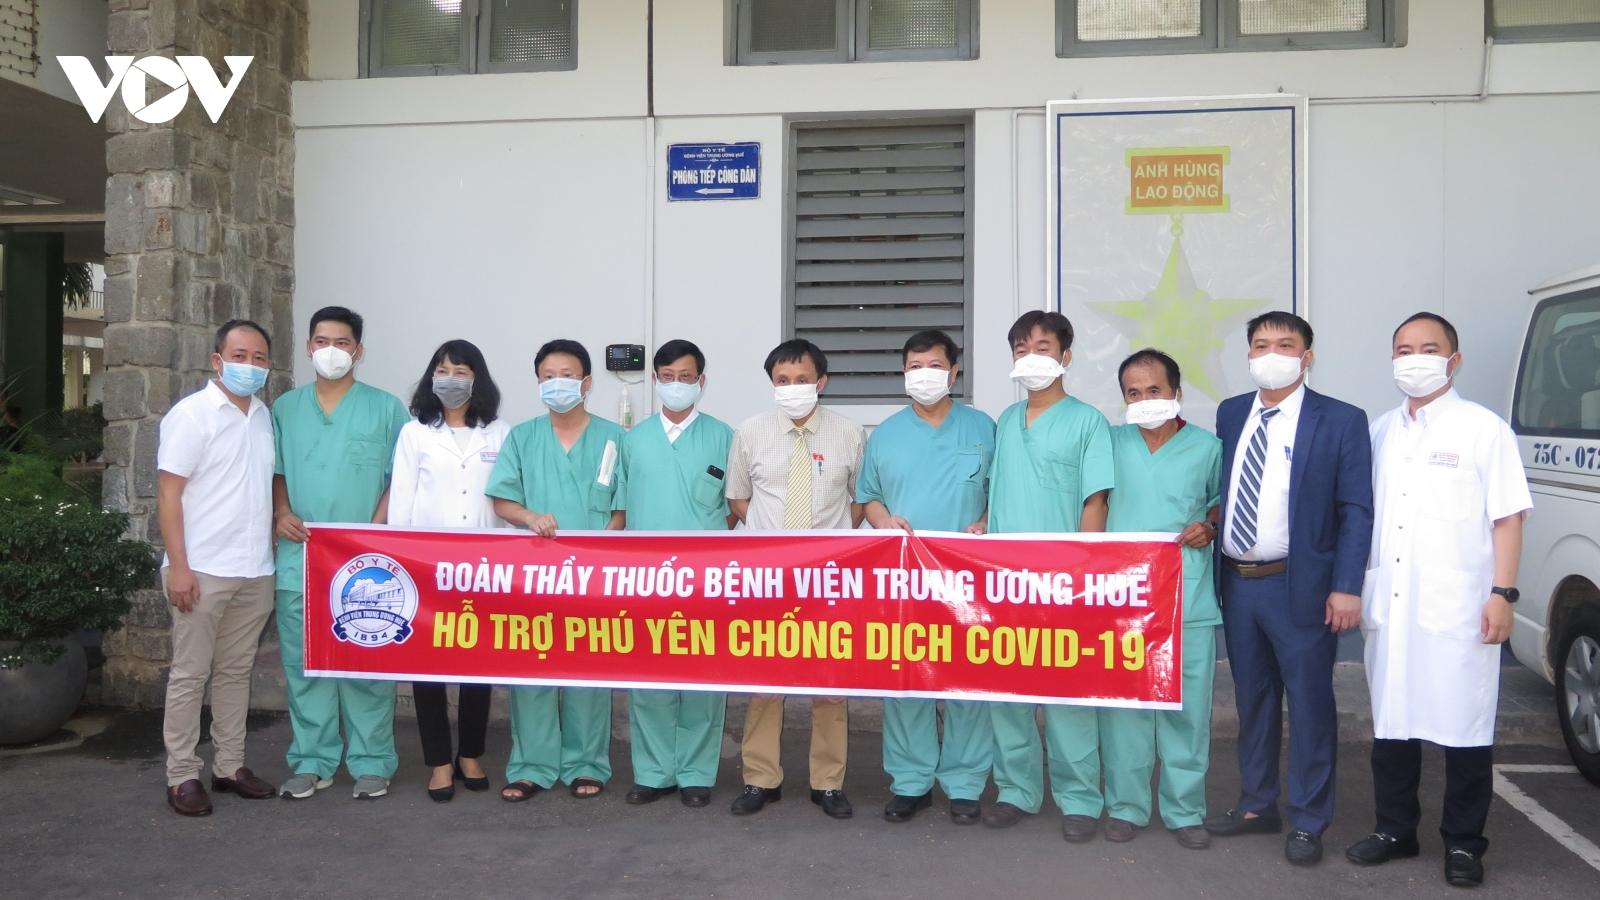 Các bác sĩ Bệnh viện Trung ương Huế vào Phú Yên hỗ trợ chống dịch Covid-19